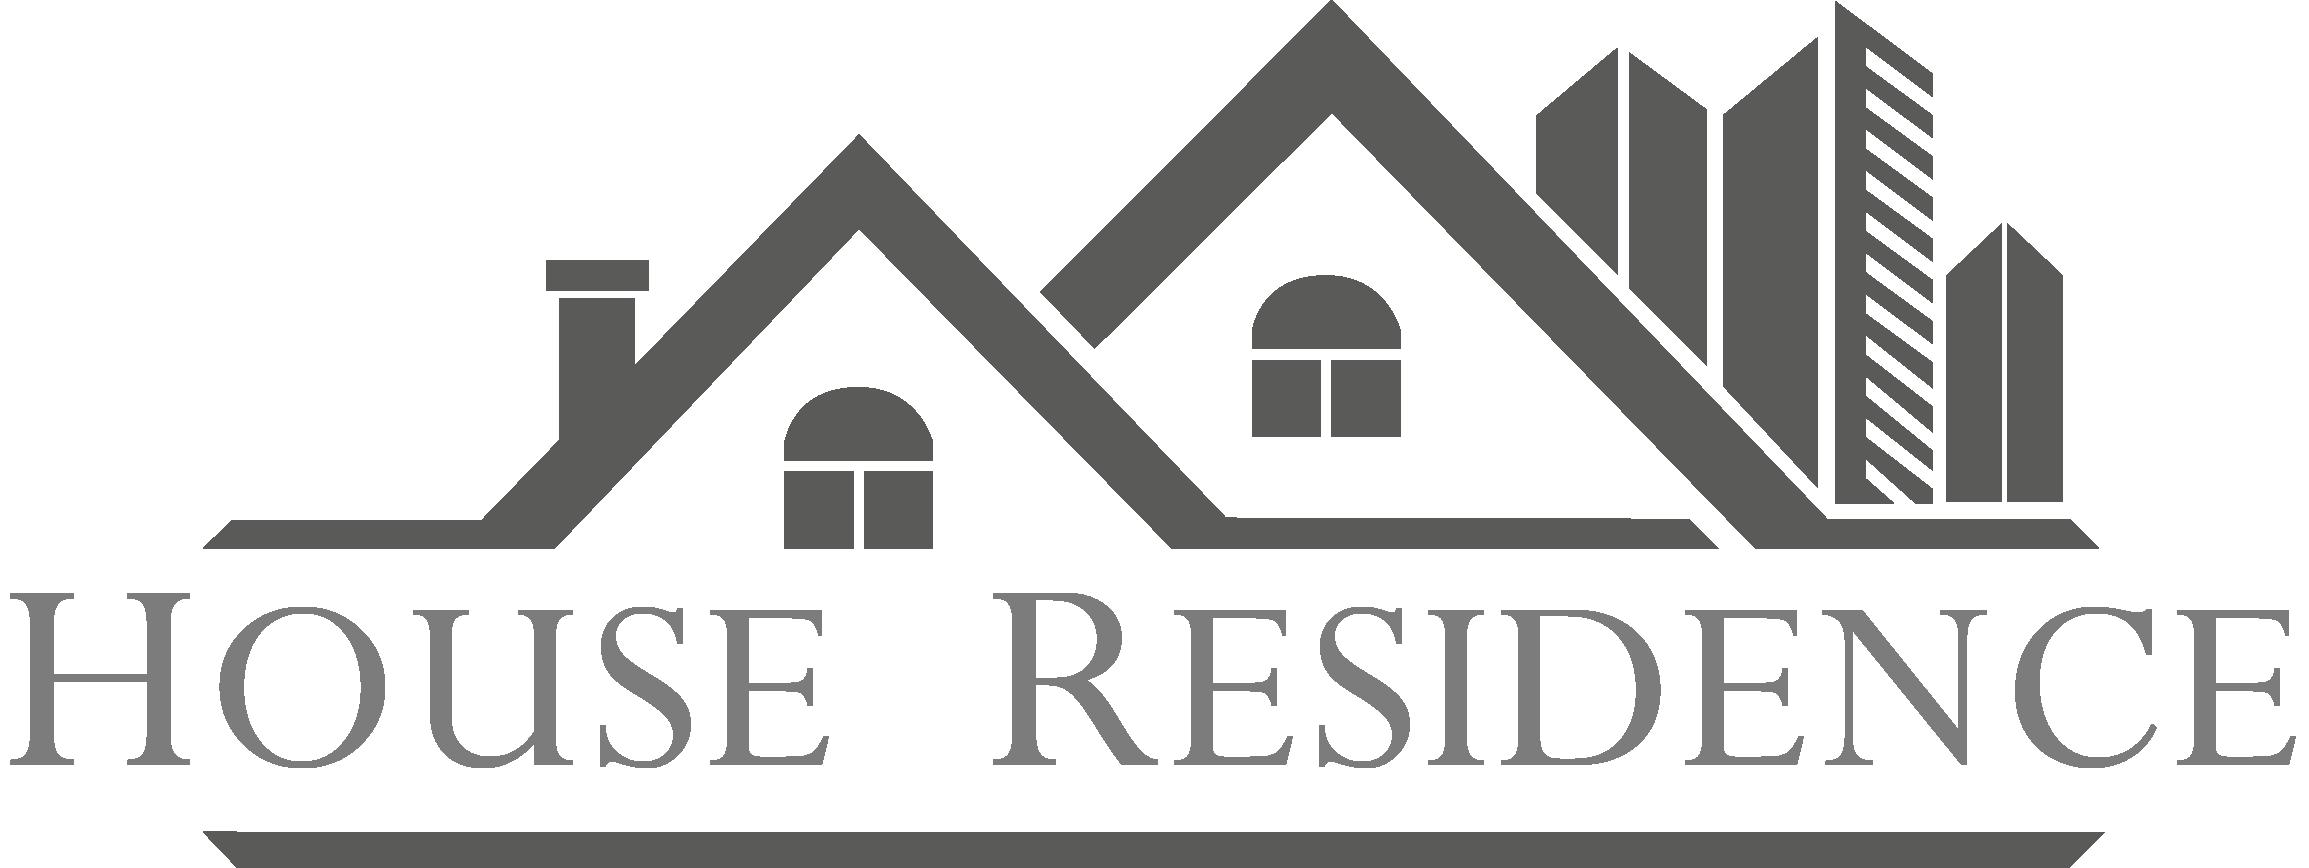 House Residence Logo